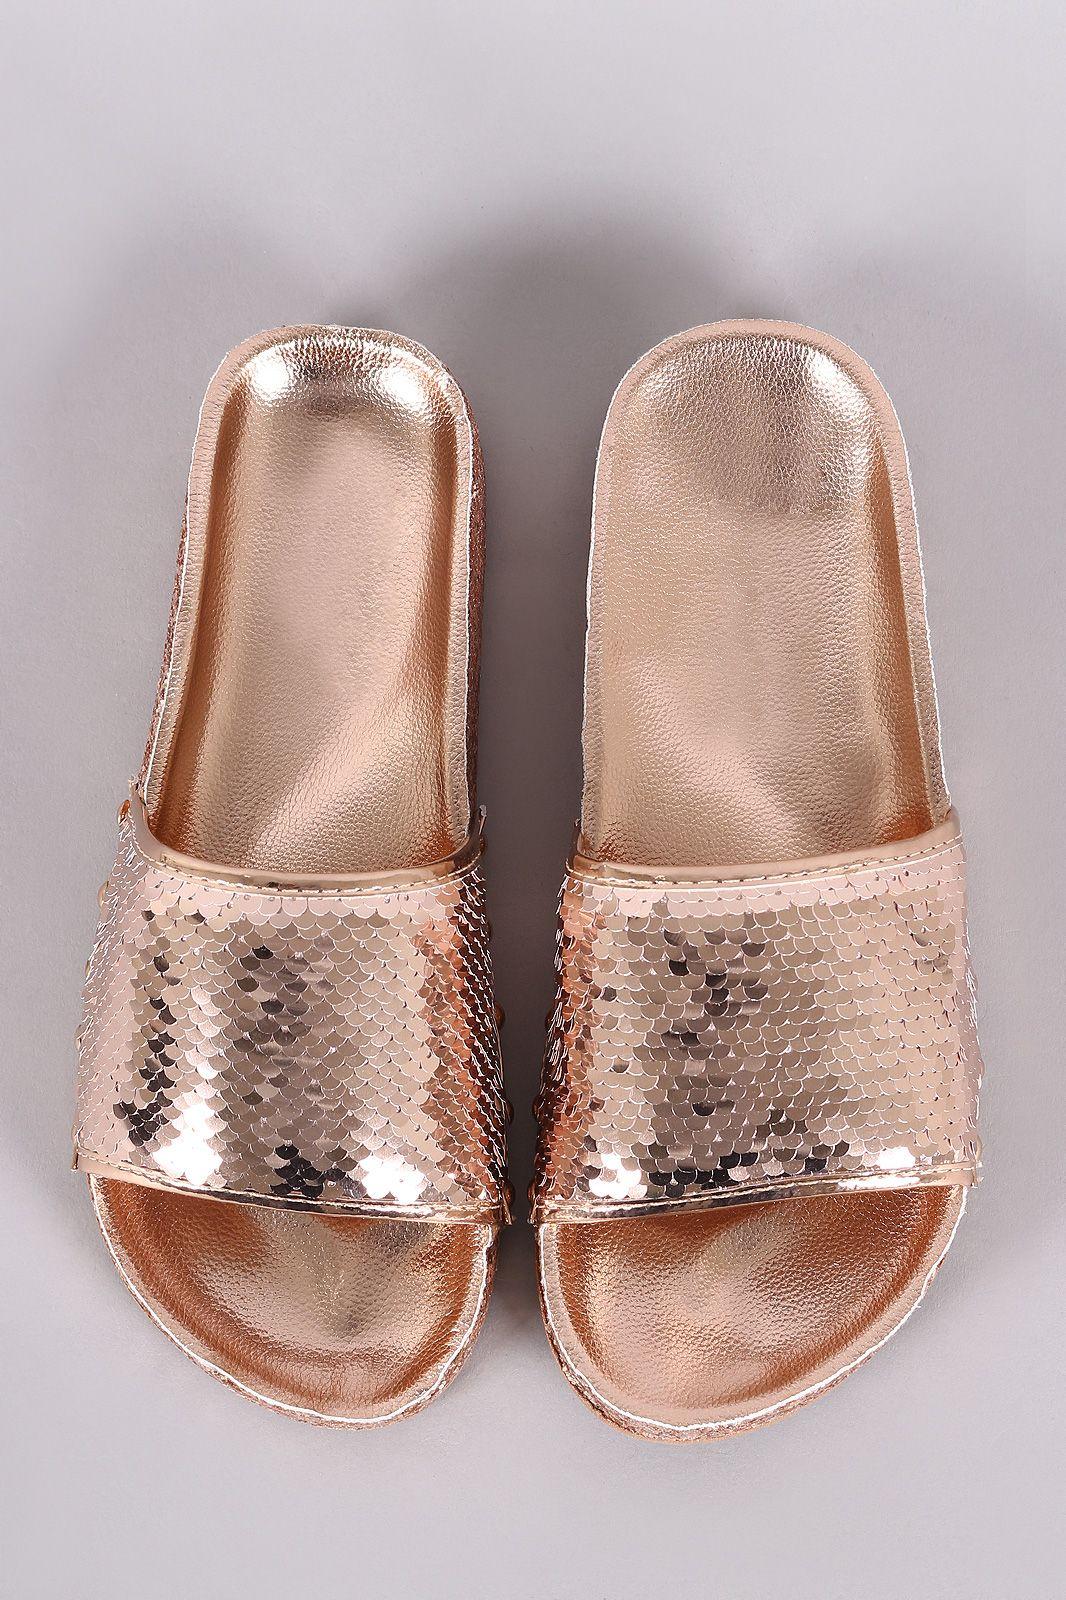 900560253eef Studded Glitter Encrusted Sequin Open Toe Slide Sandal